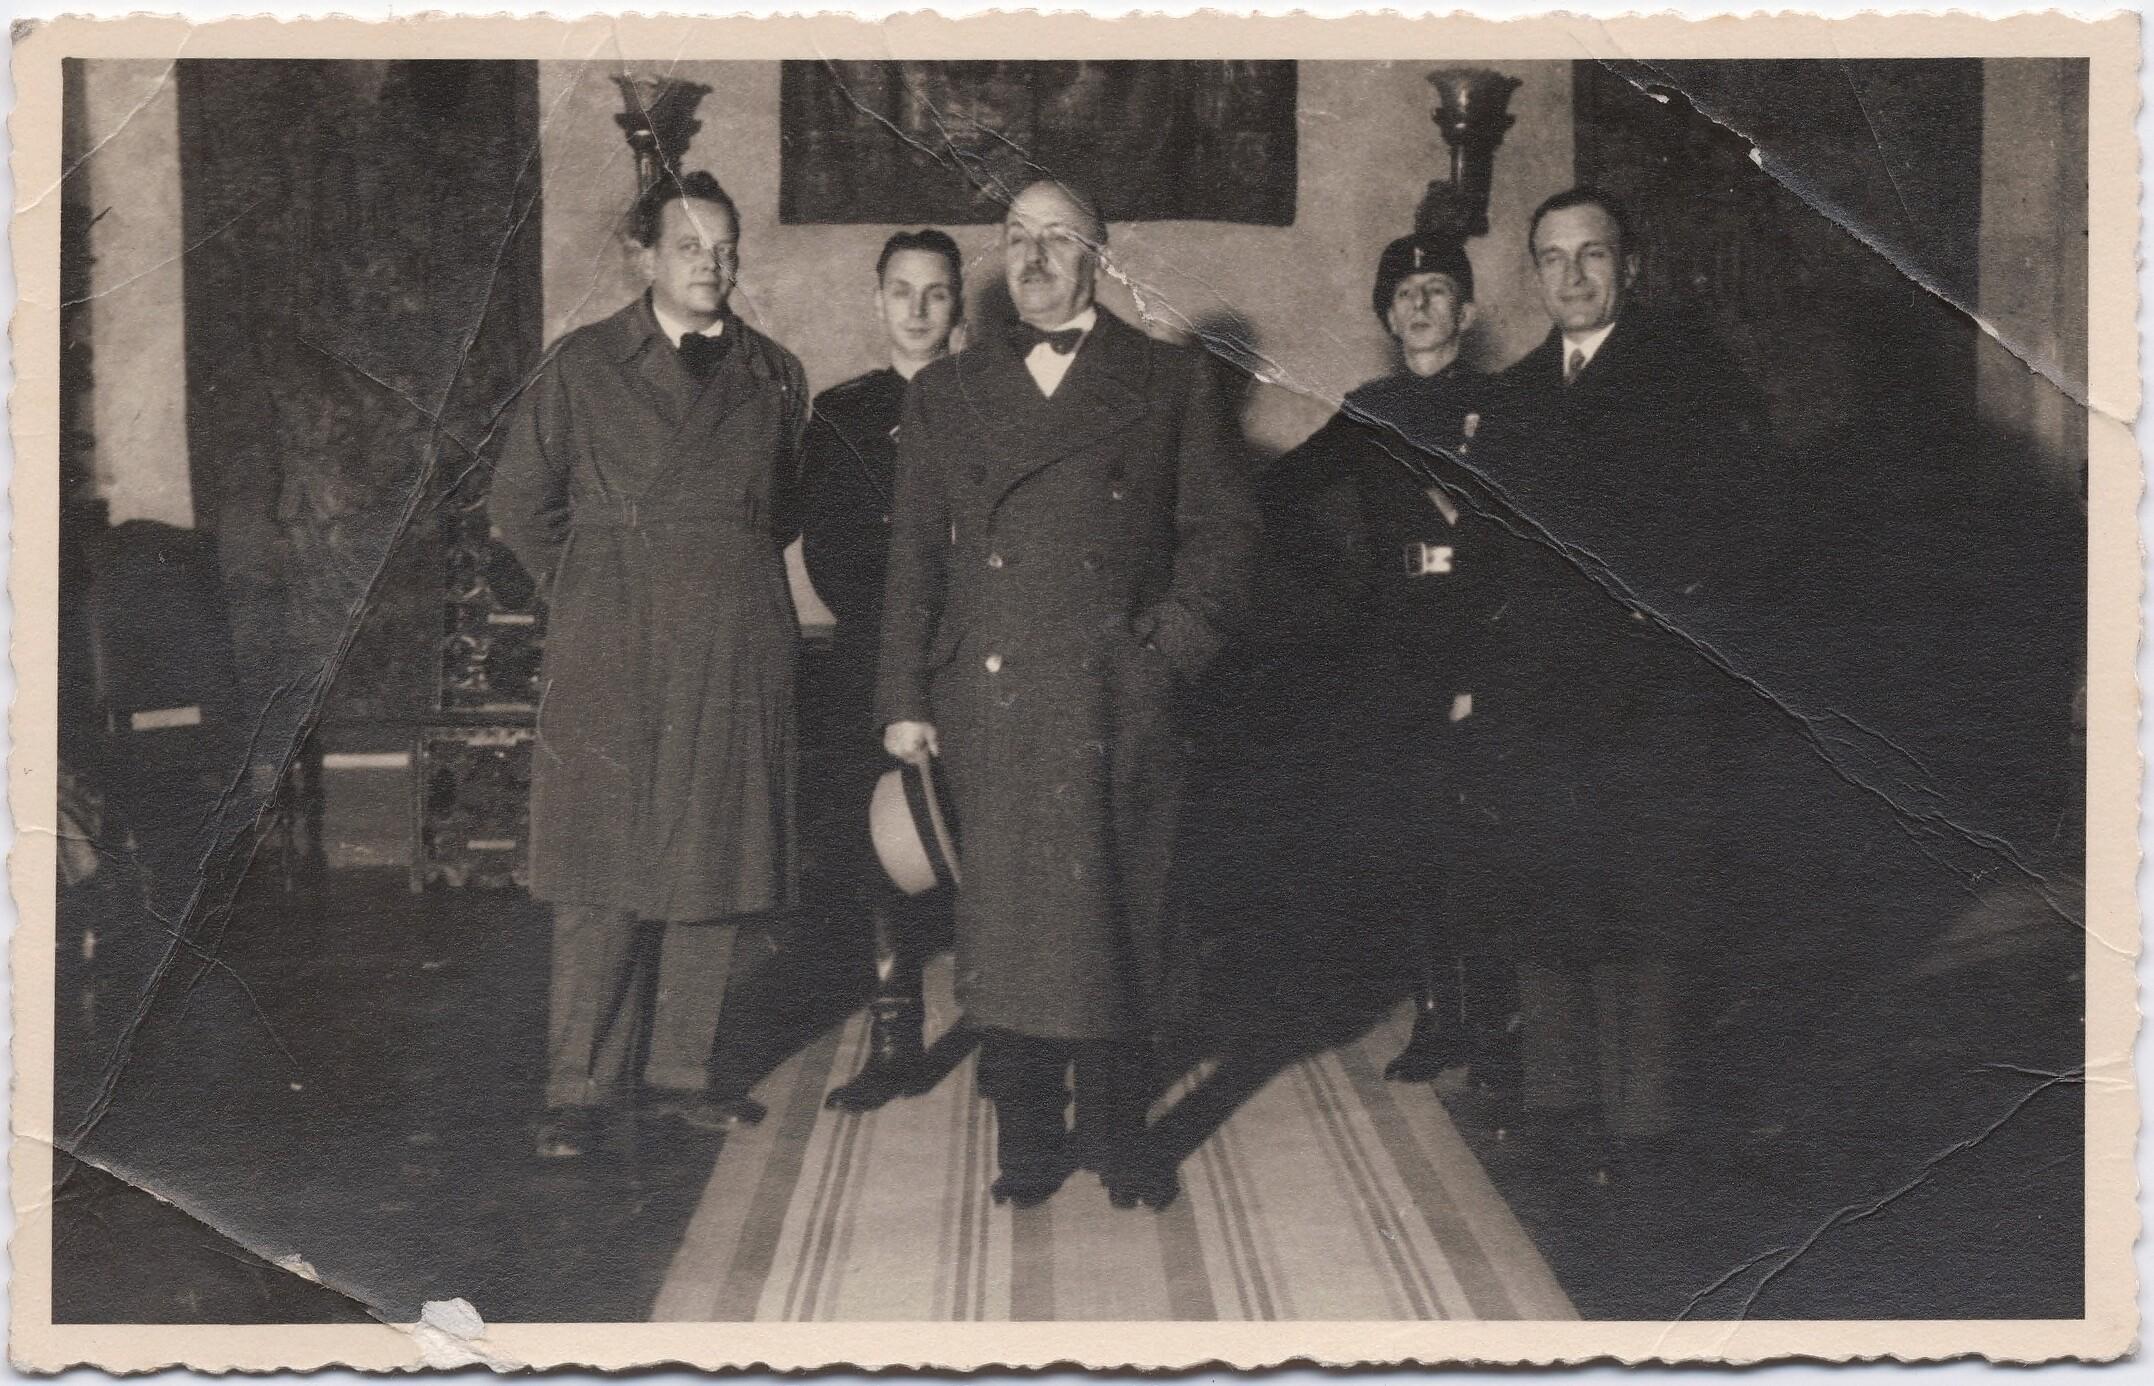 1932. Триест. Маринетти с Бруно Г. Санзином (слева от Маринетти) и тремя неизвестными мужчинами